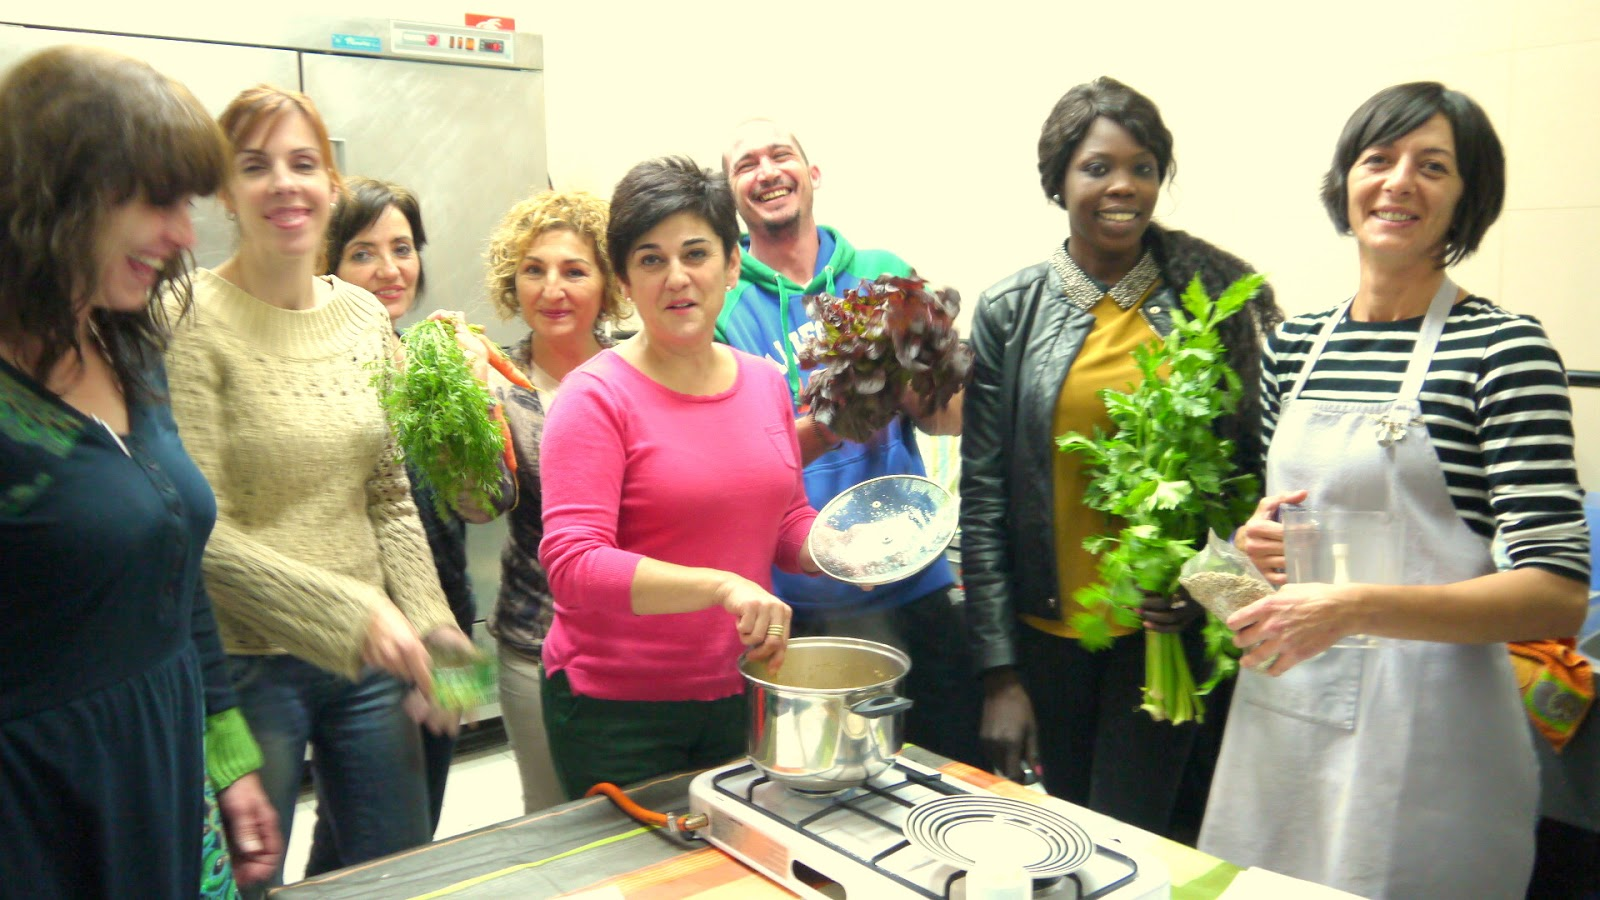 Talleres de cocina alternativa en el Centro Social de La Pobla de Vallbona